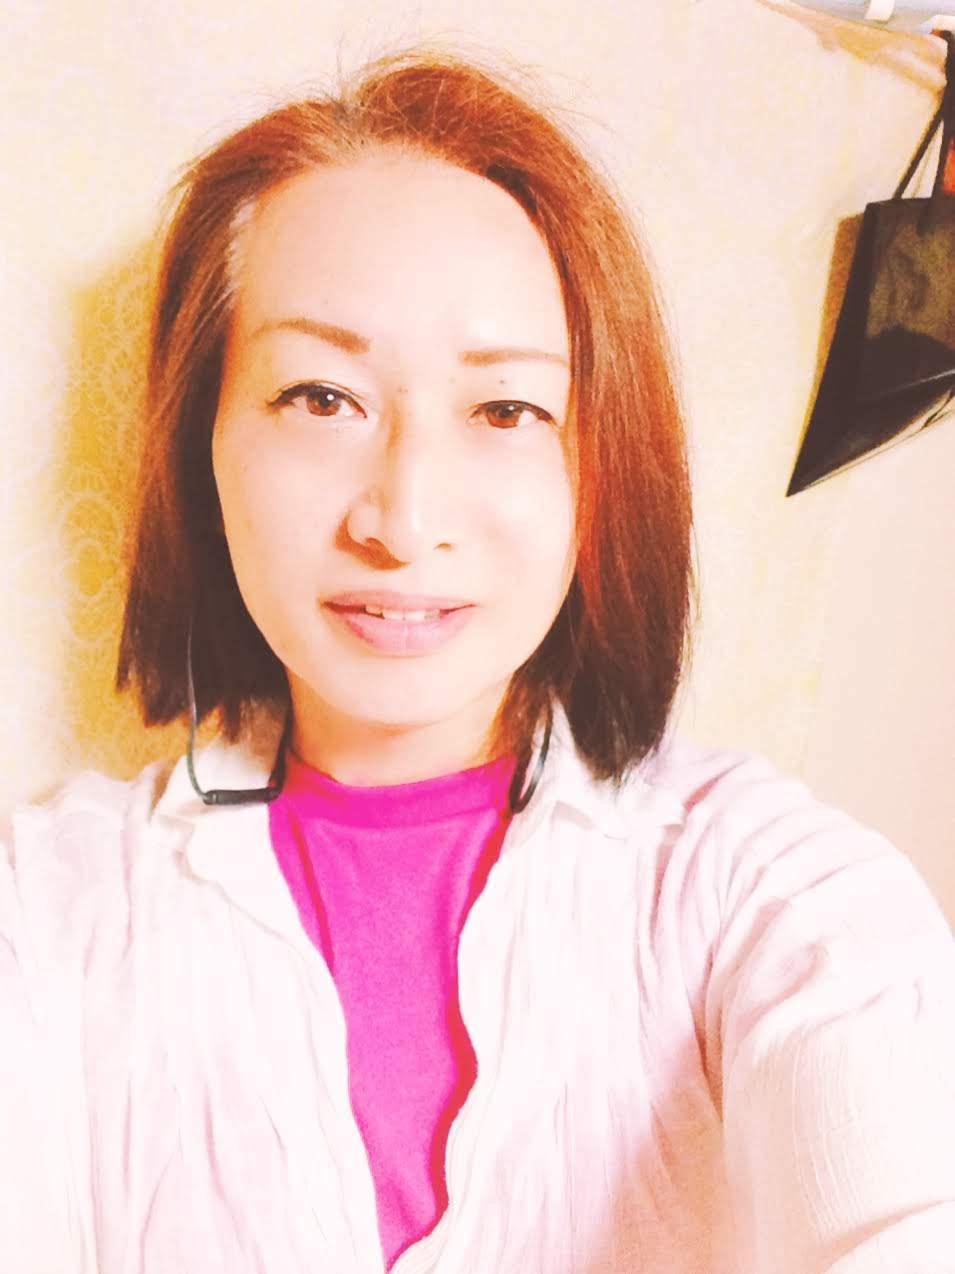 熟女NHヘルス孃マダム舞の袖振り合うも他生の縁|取り急ぎ・・・業務連絡